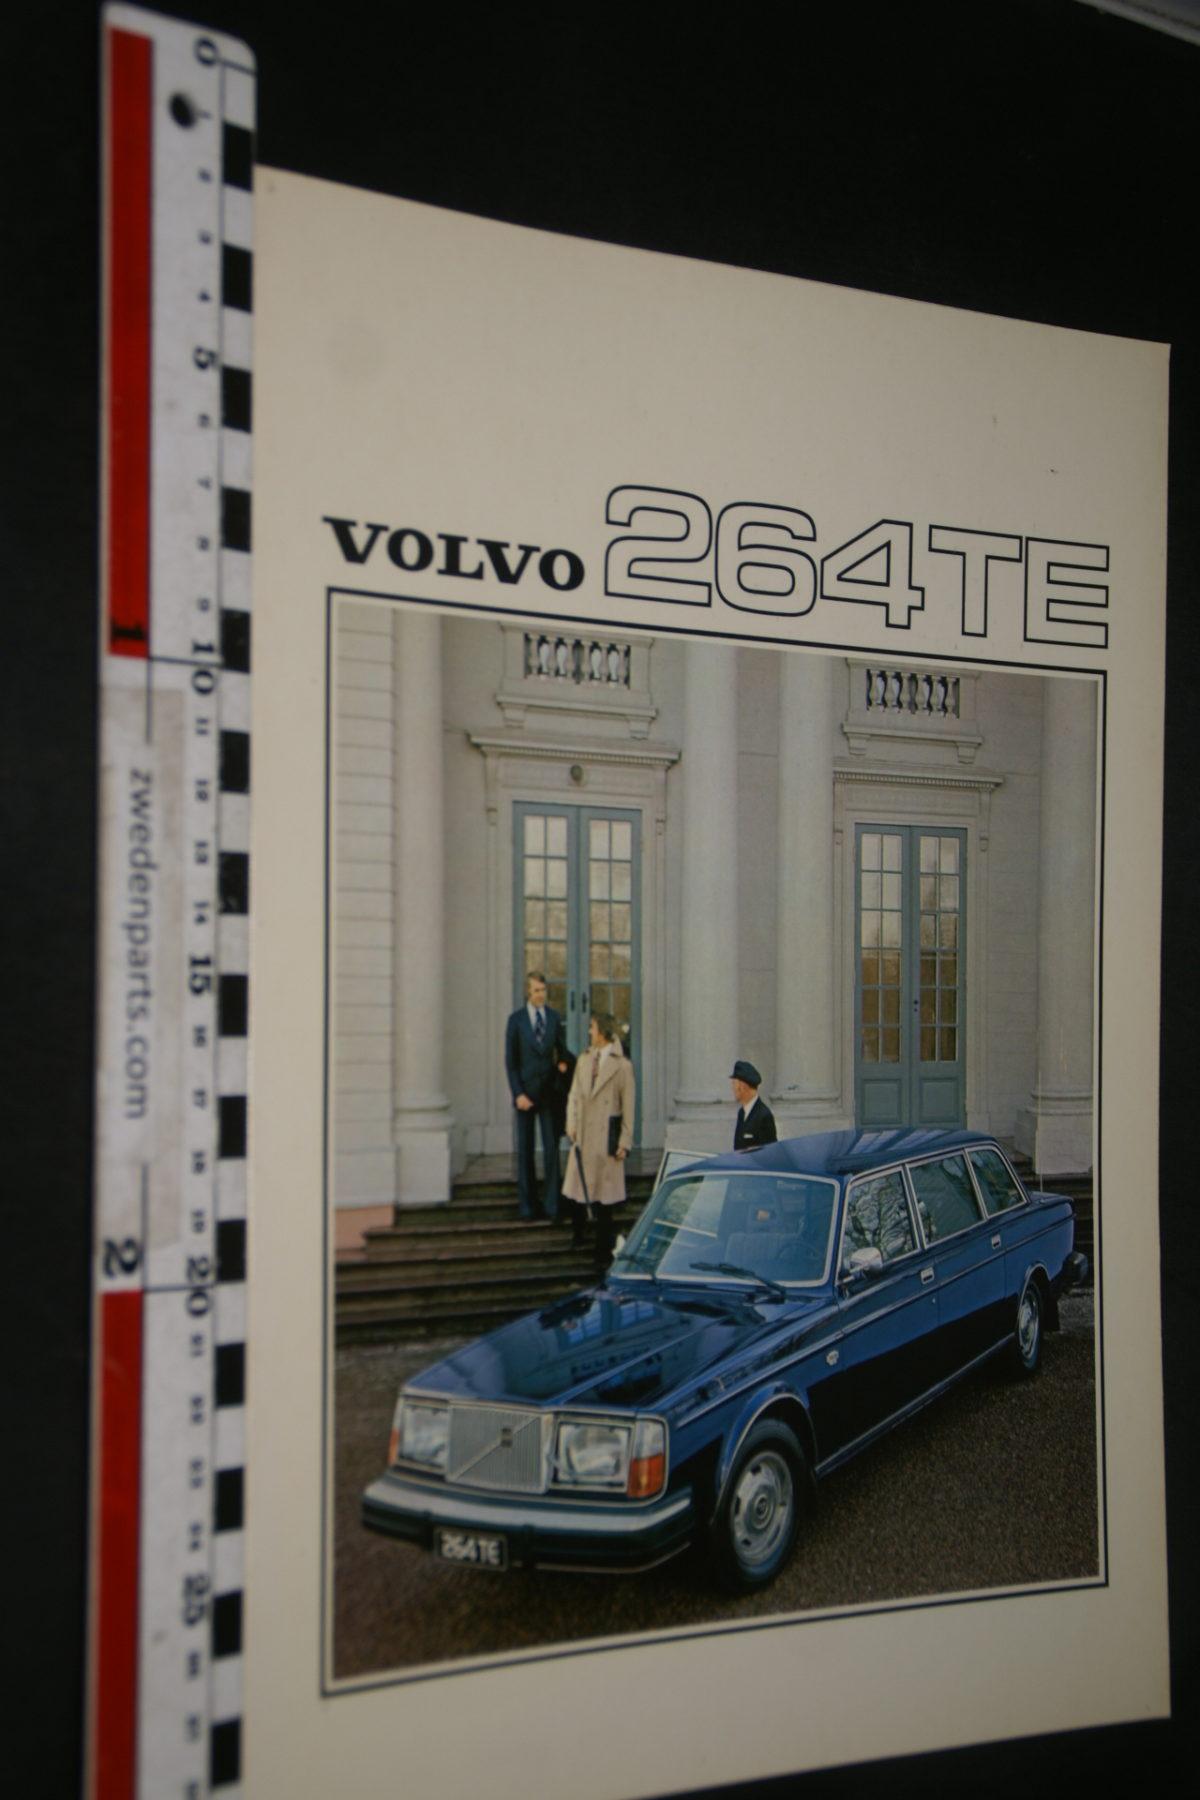 DSC07988 1976 brochure Volvo 264TE nr RSPPV 2940, English